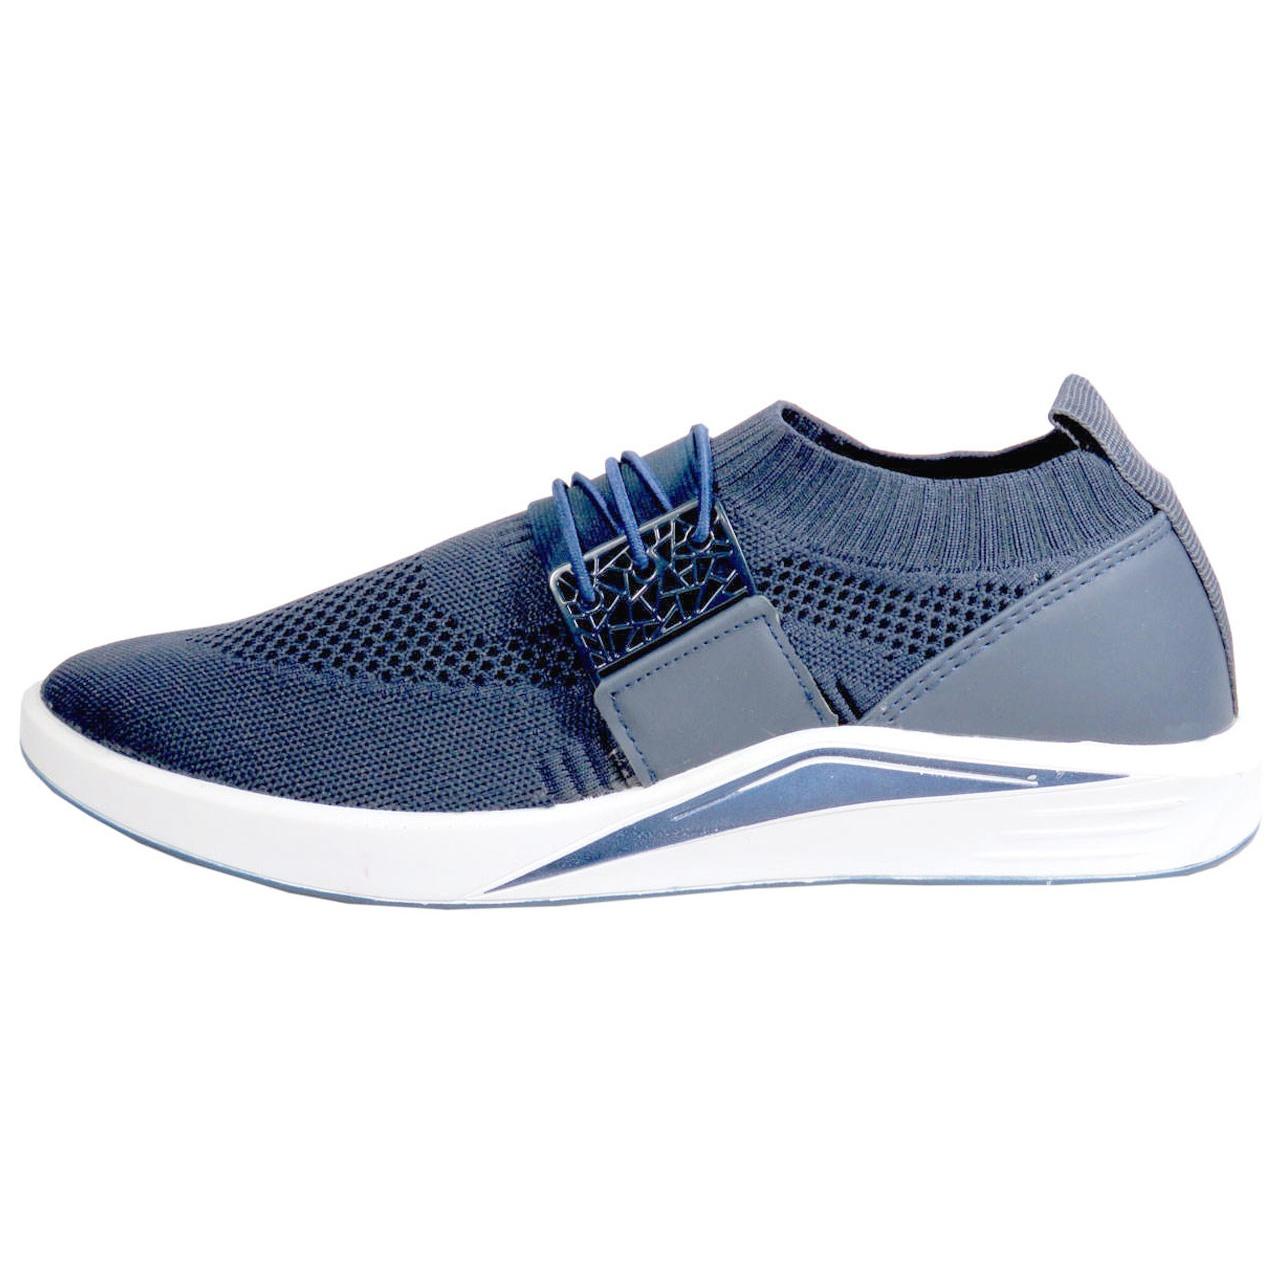 کفش مخصوص پیاده روی مردانه کد 4030-1